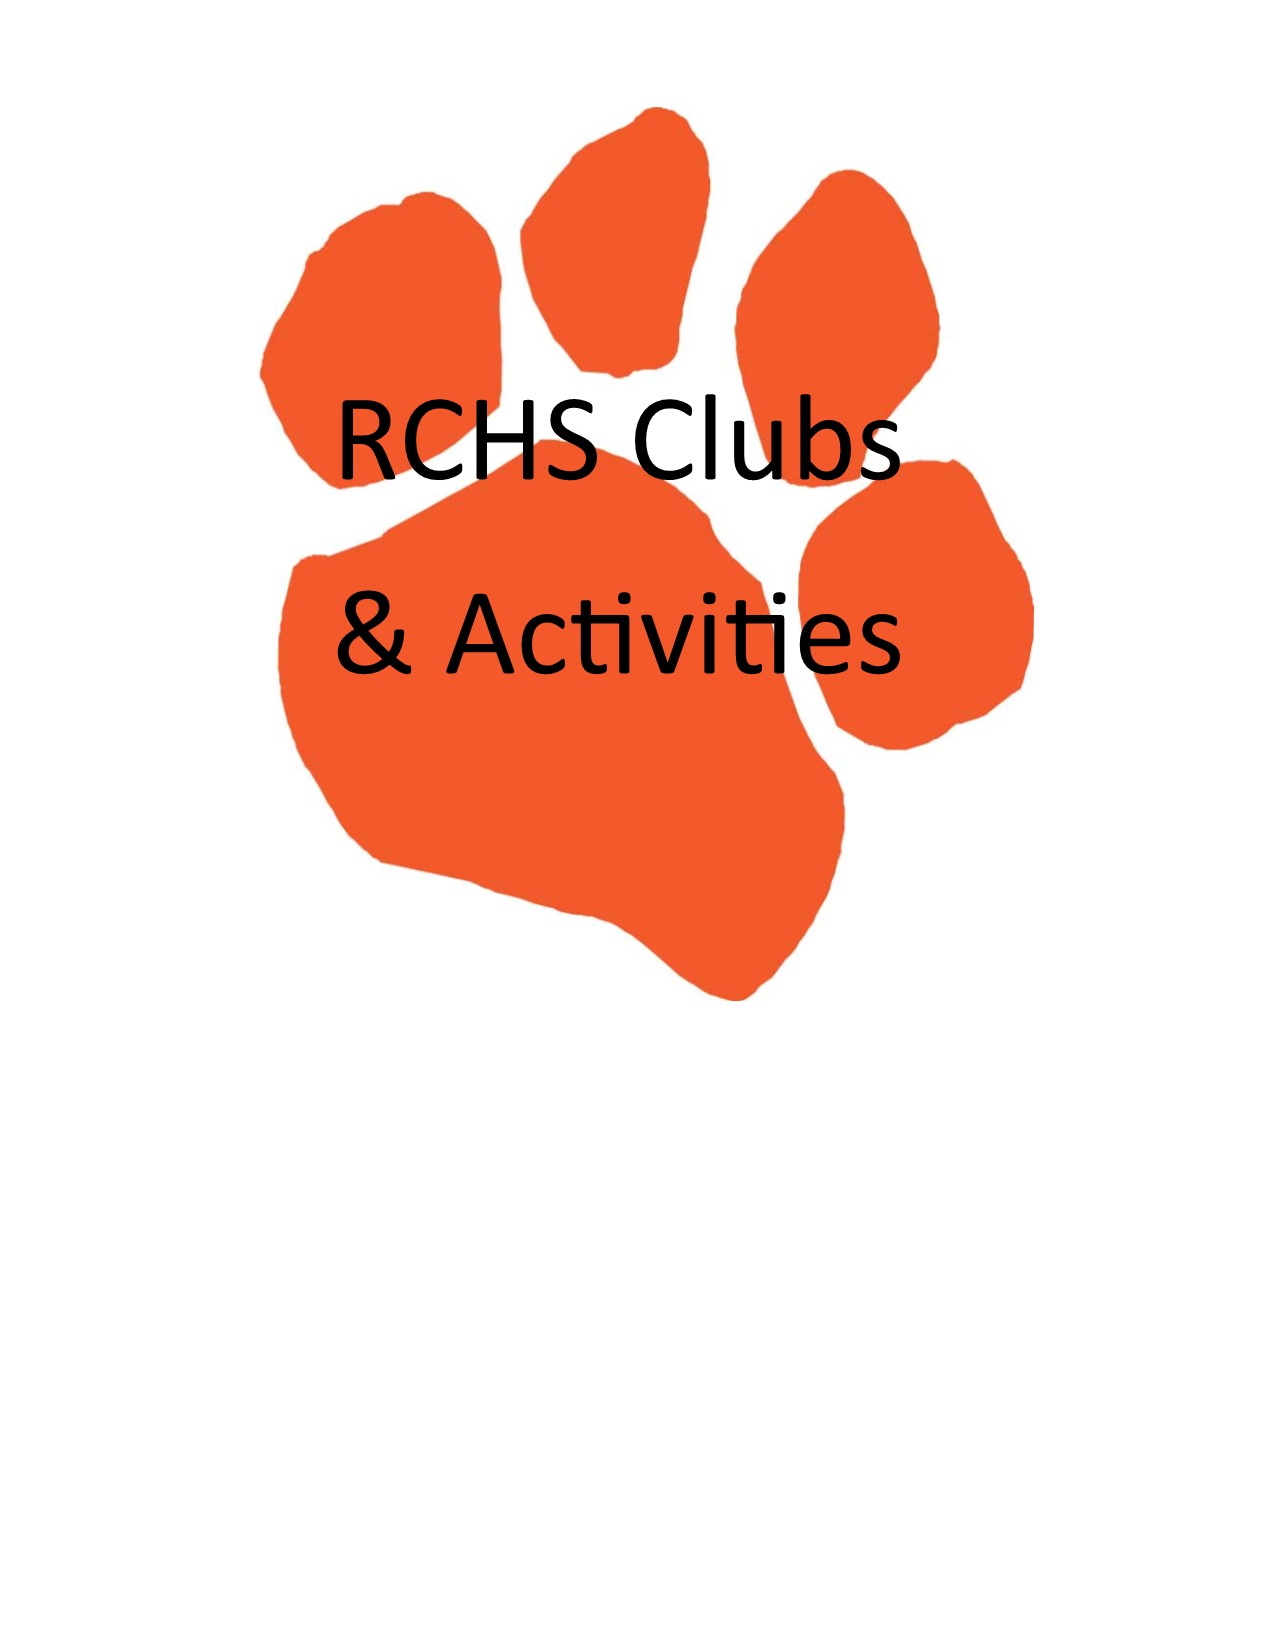 Clubs & Activities